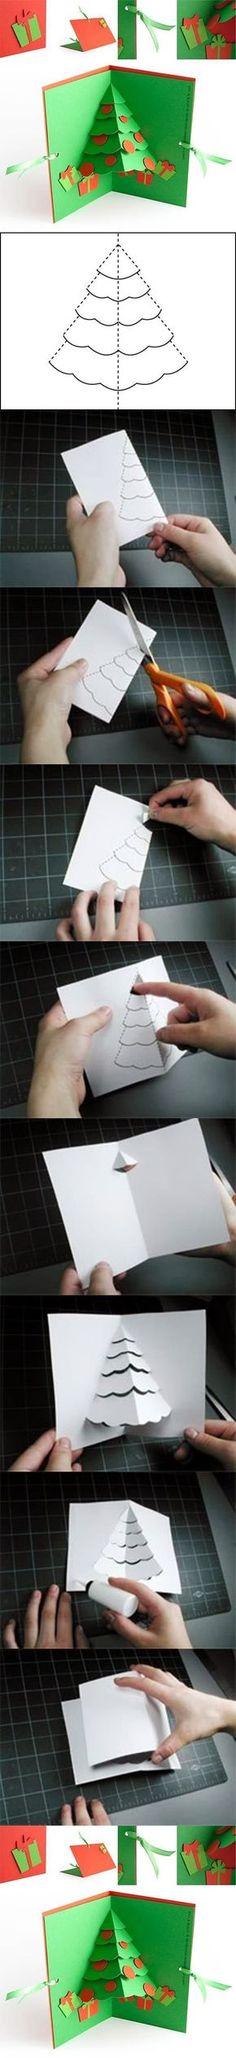 DIY-Christmas-Tree-Pop-Up-Card.jpg 520×4'535 Pixel